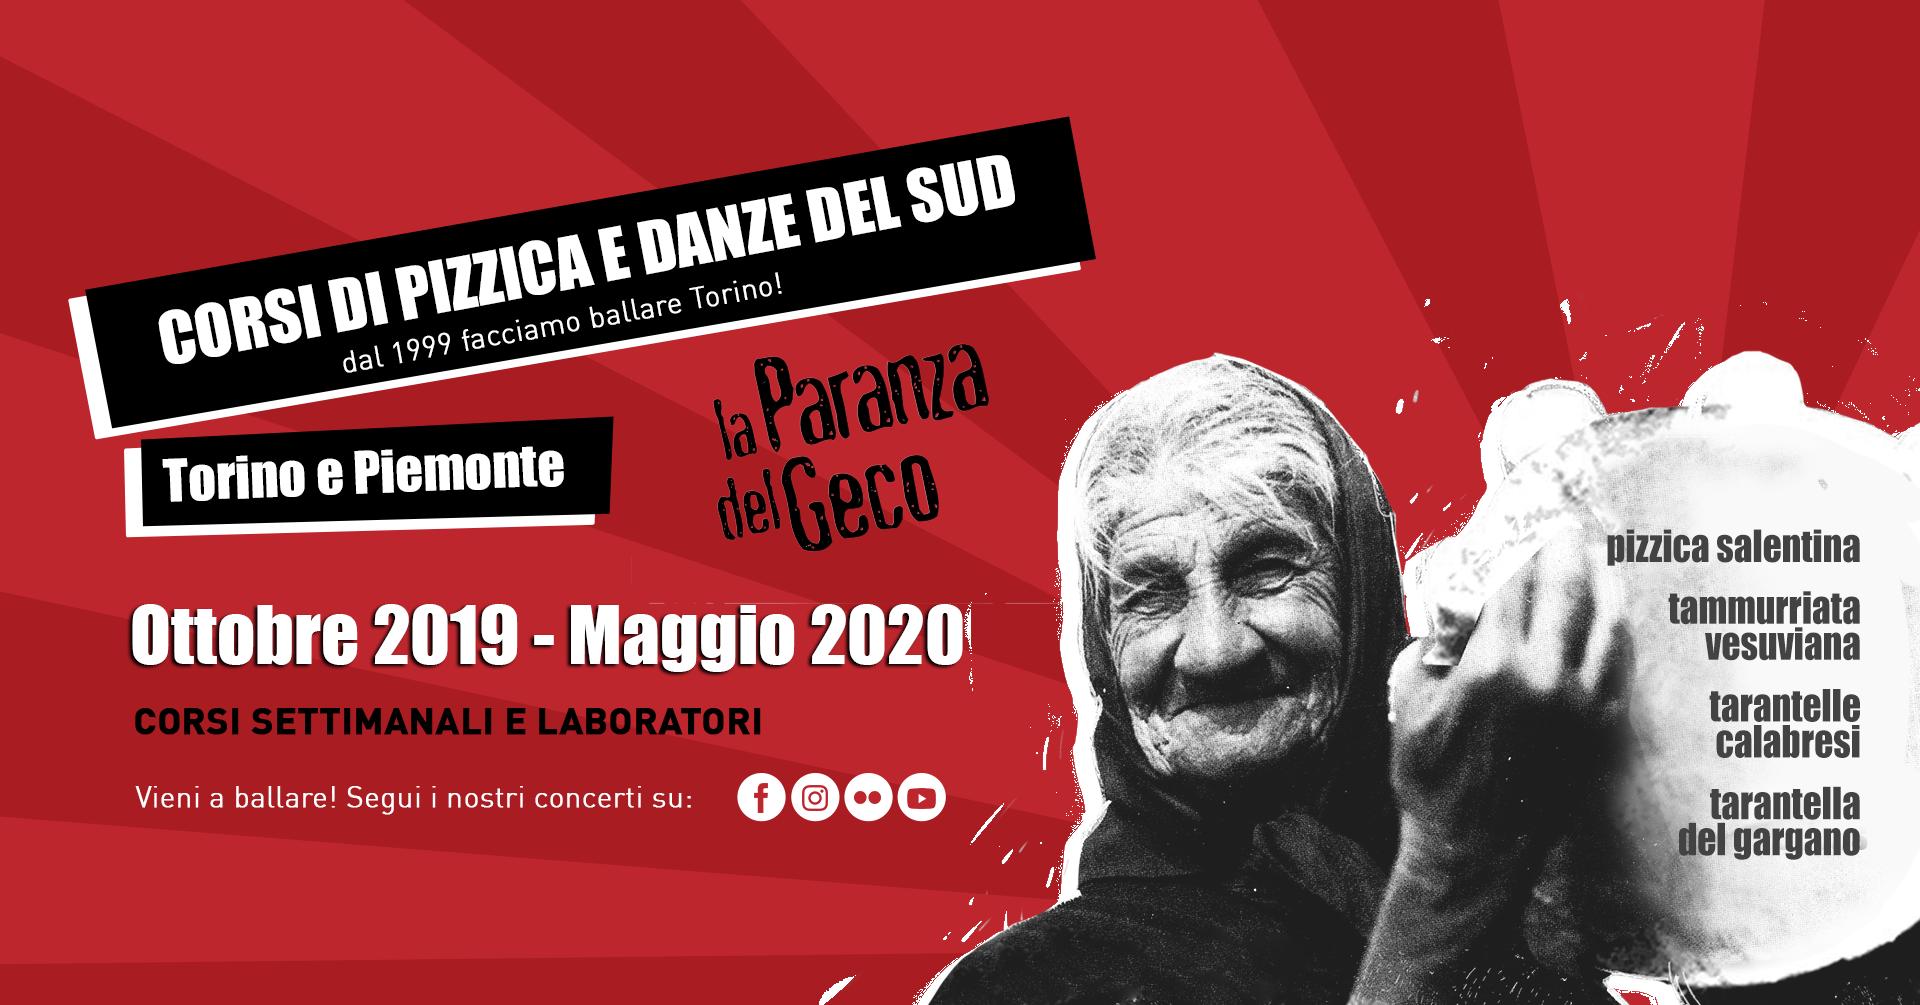 LA PARANZA DEL GECO presenta CORSI DI PIZZICA E DANZE DEL SUD ~ TORINO E PIEMONTE! Corsi settimanali e laboratori, da Ottobre 2019 a Maggio 2020